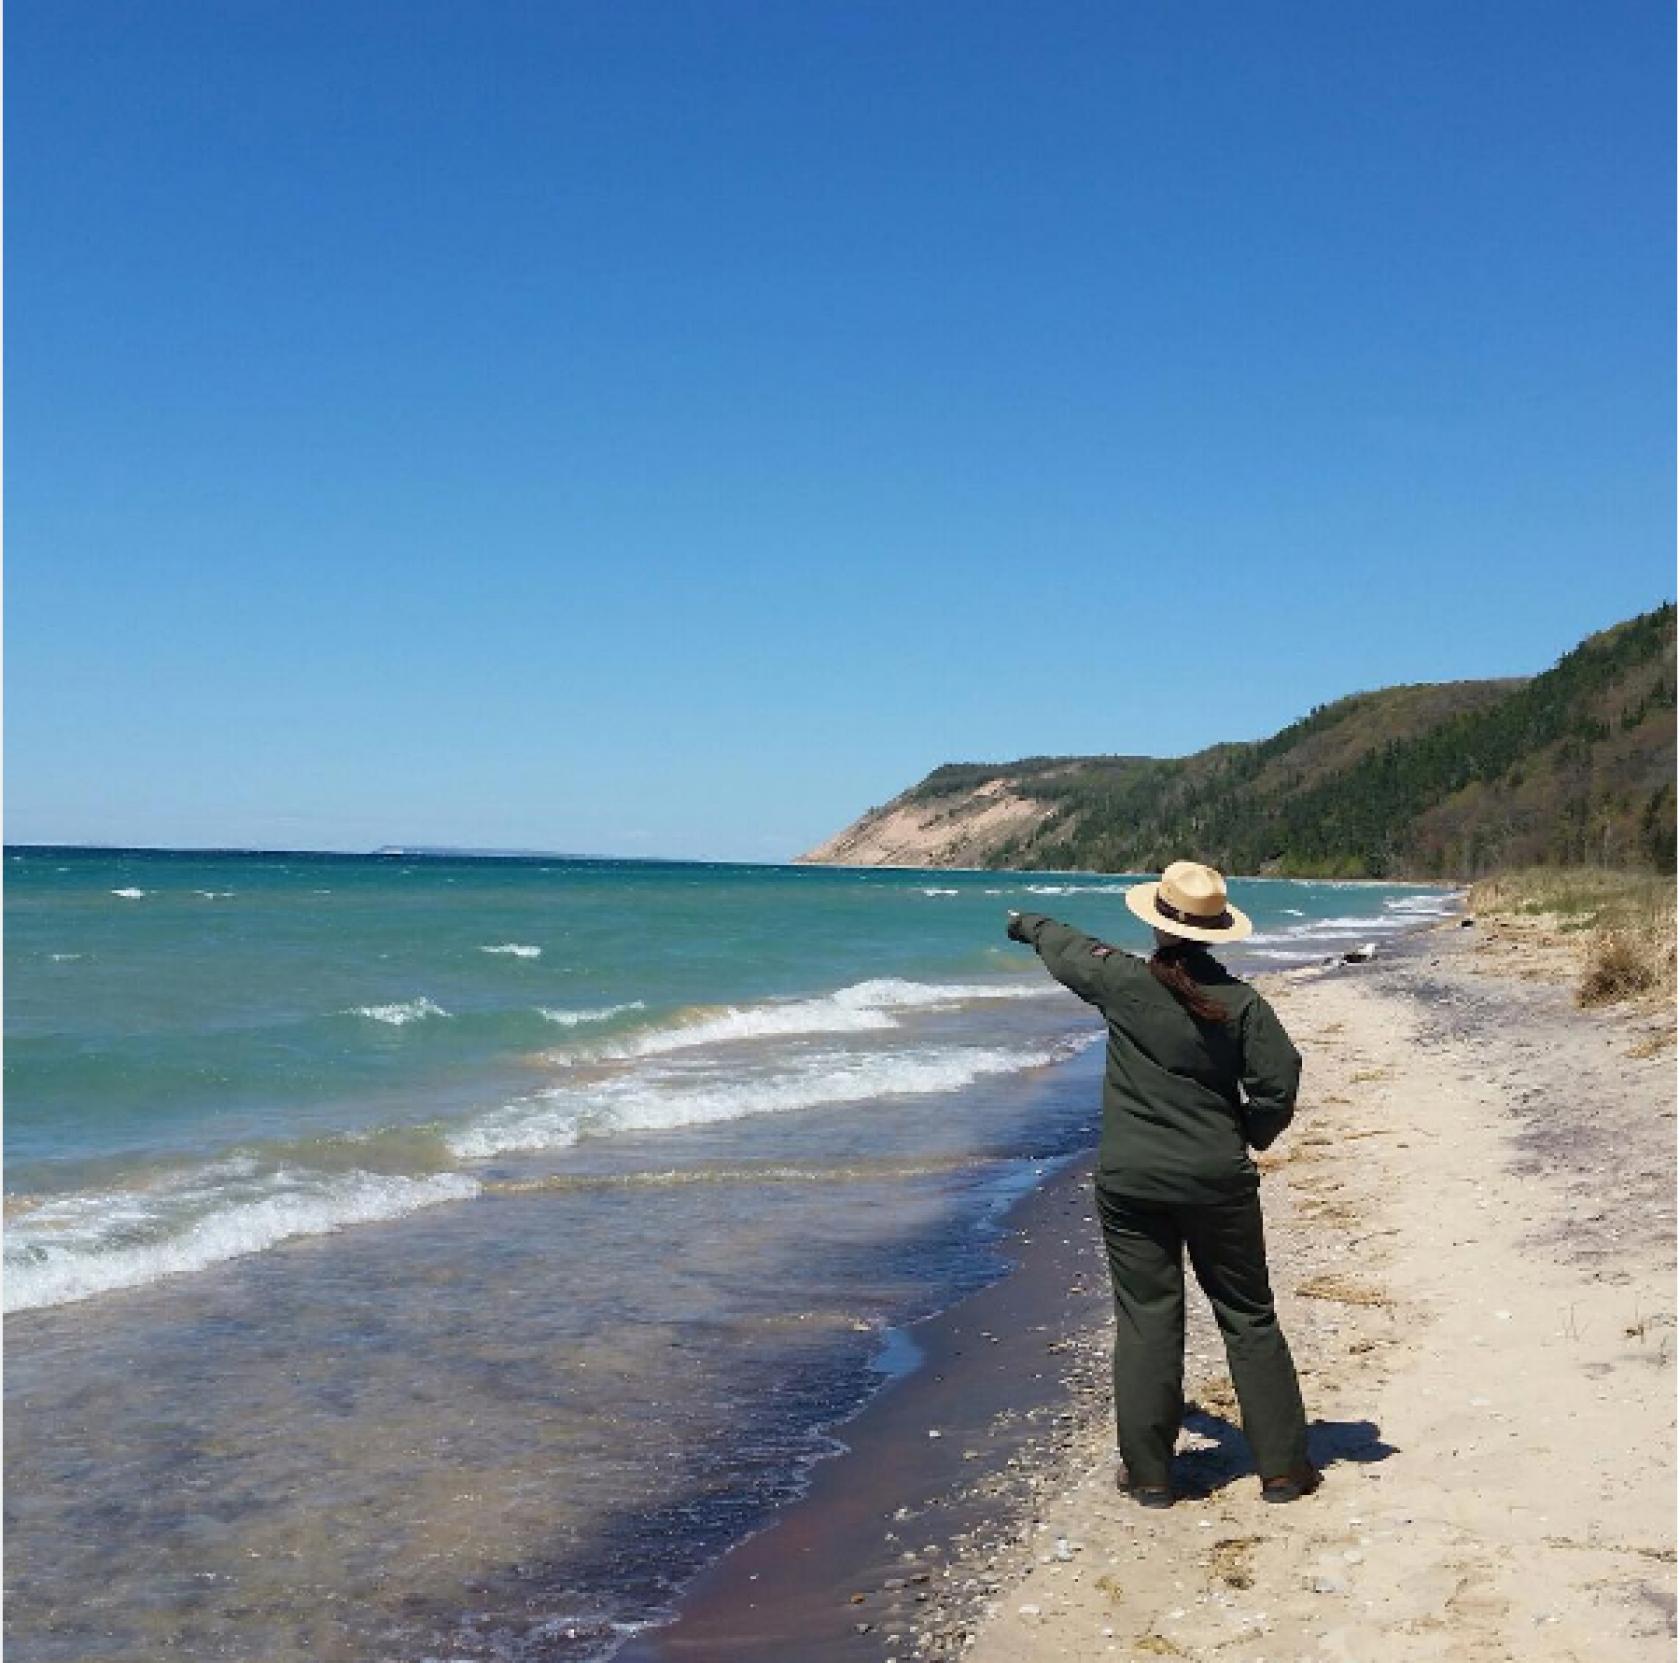 Park Ranger pointing at the shores of Lake Michigan and dunes at Sleeping Bear National Park